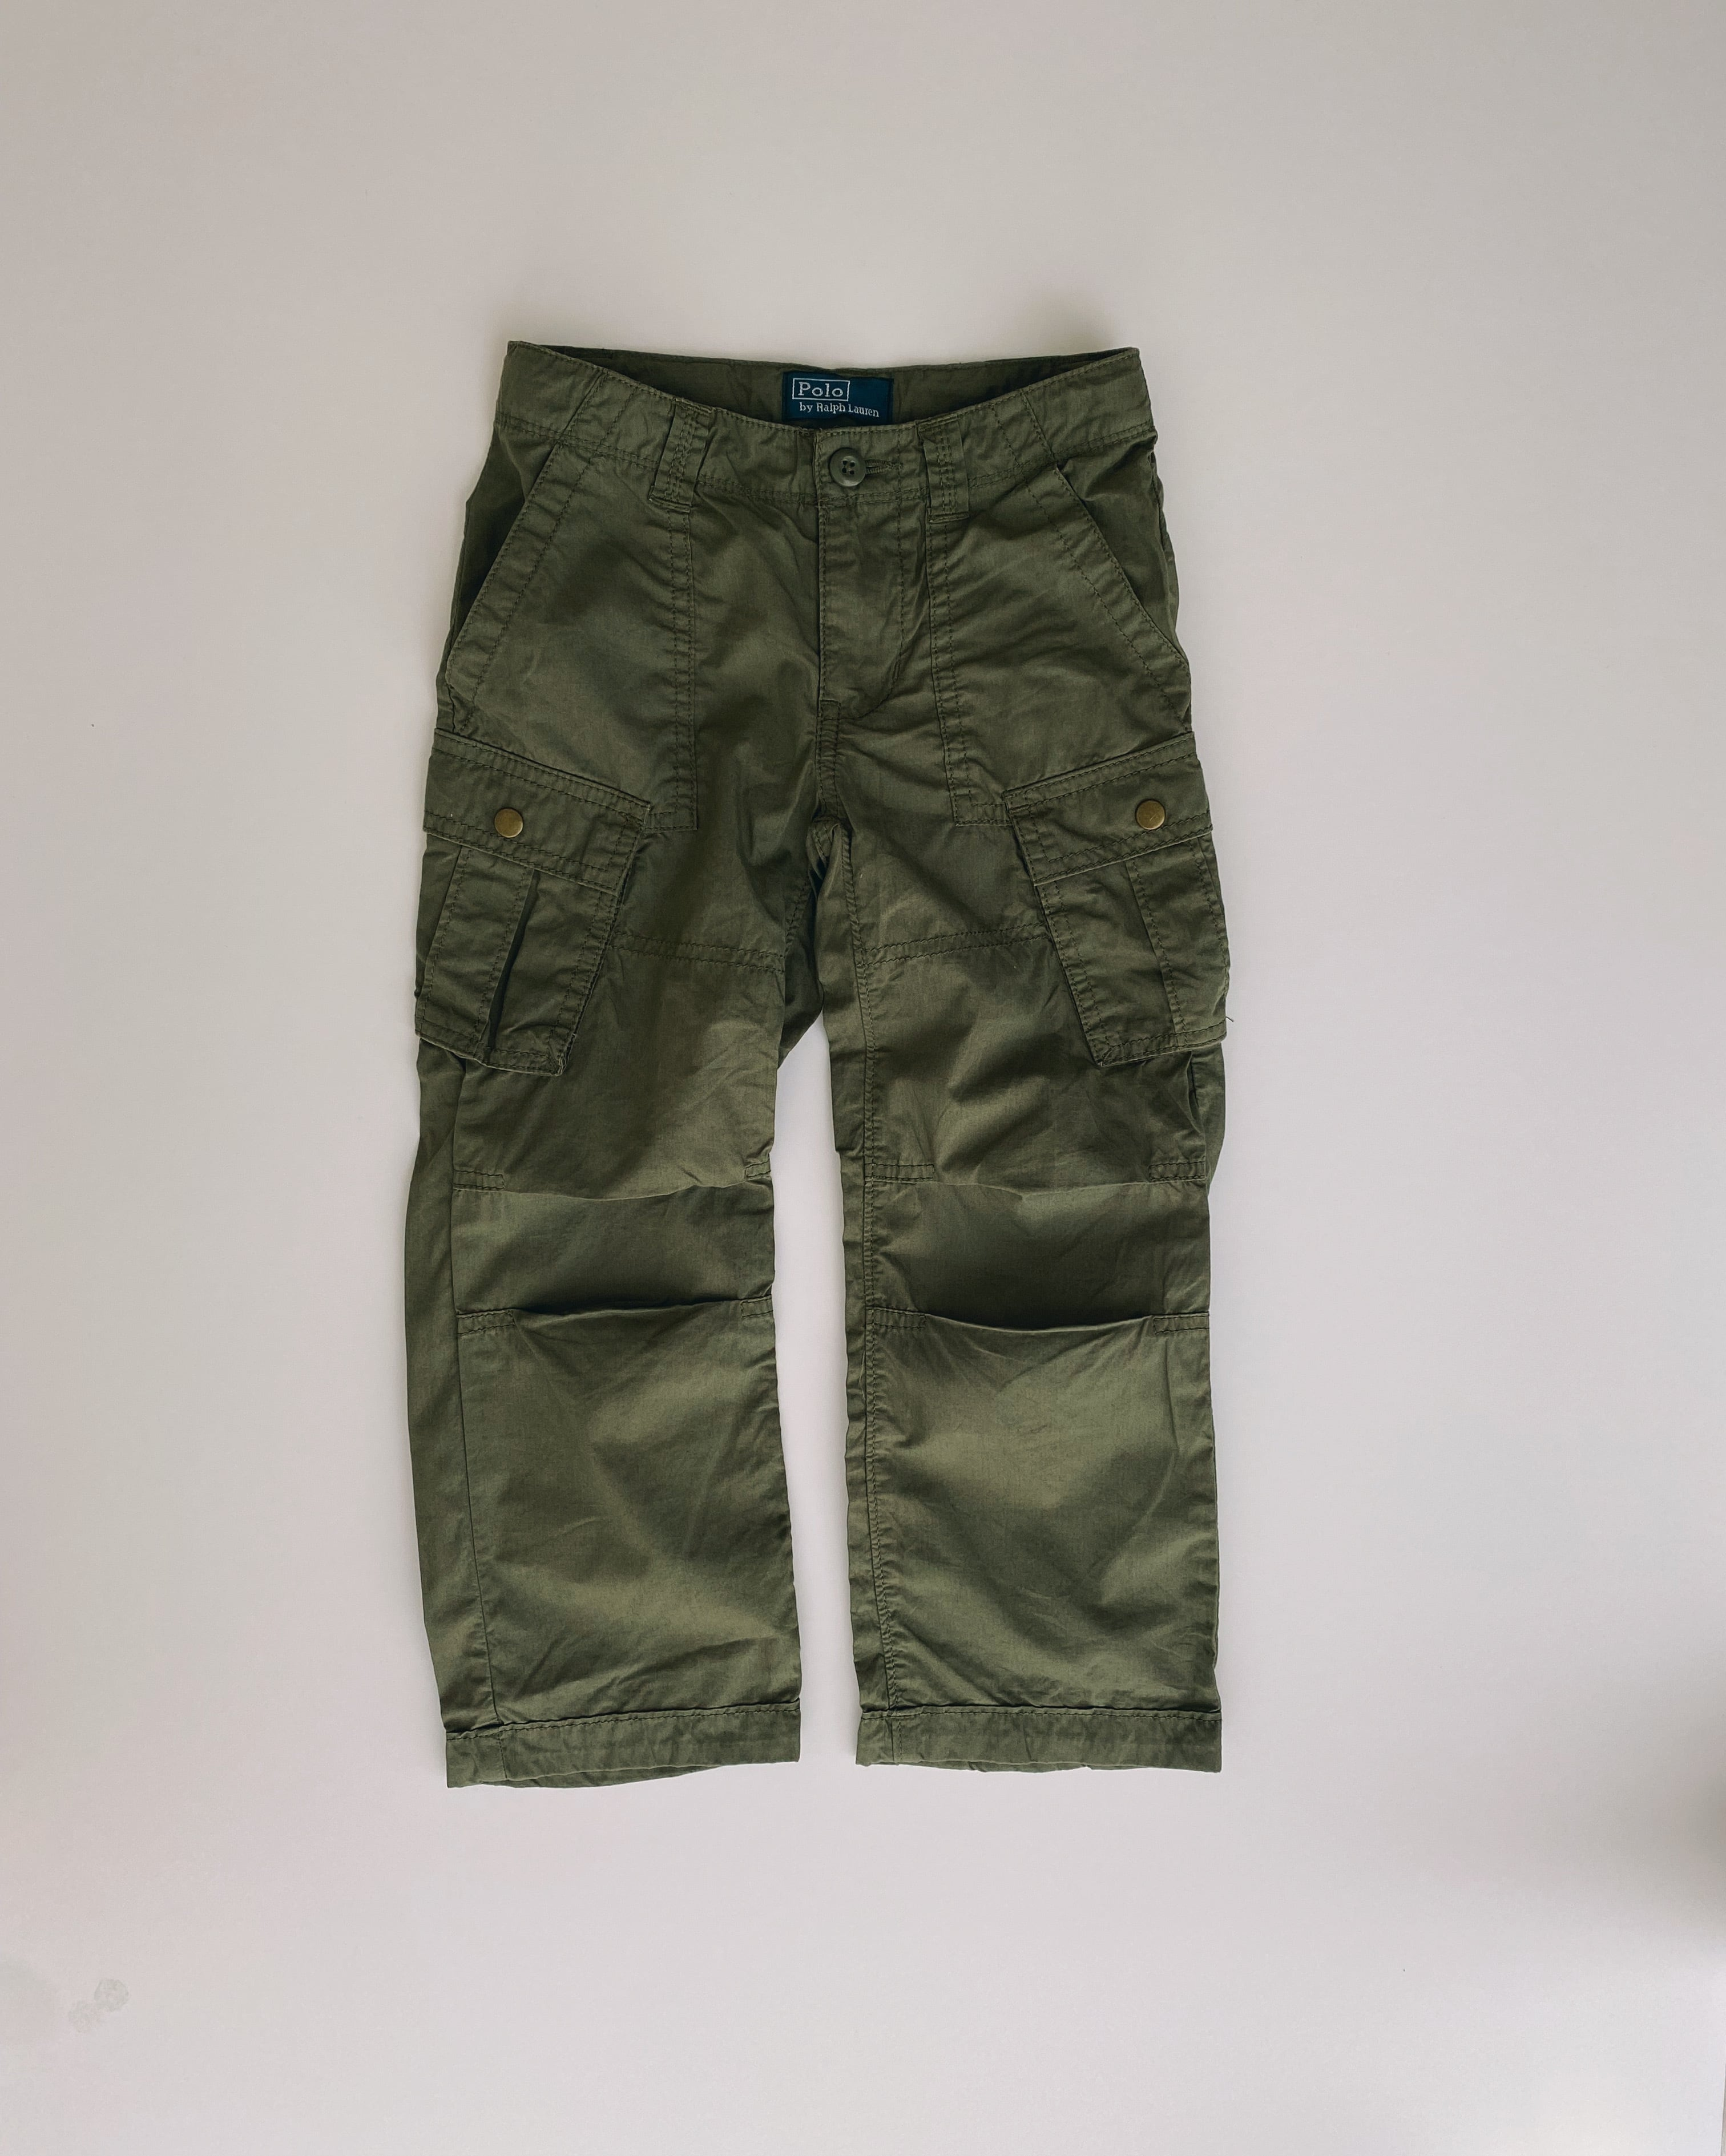 (KD121)110cmPolo Ralph Lauren cargopants